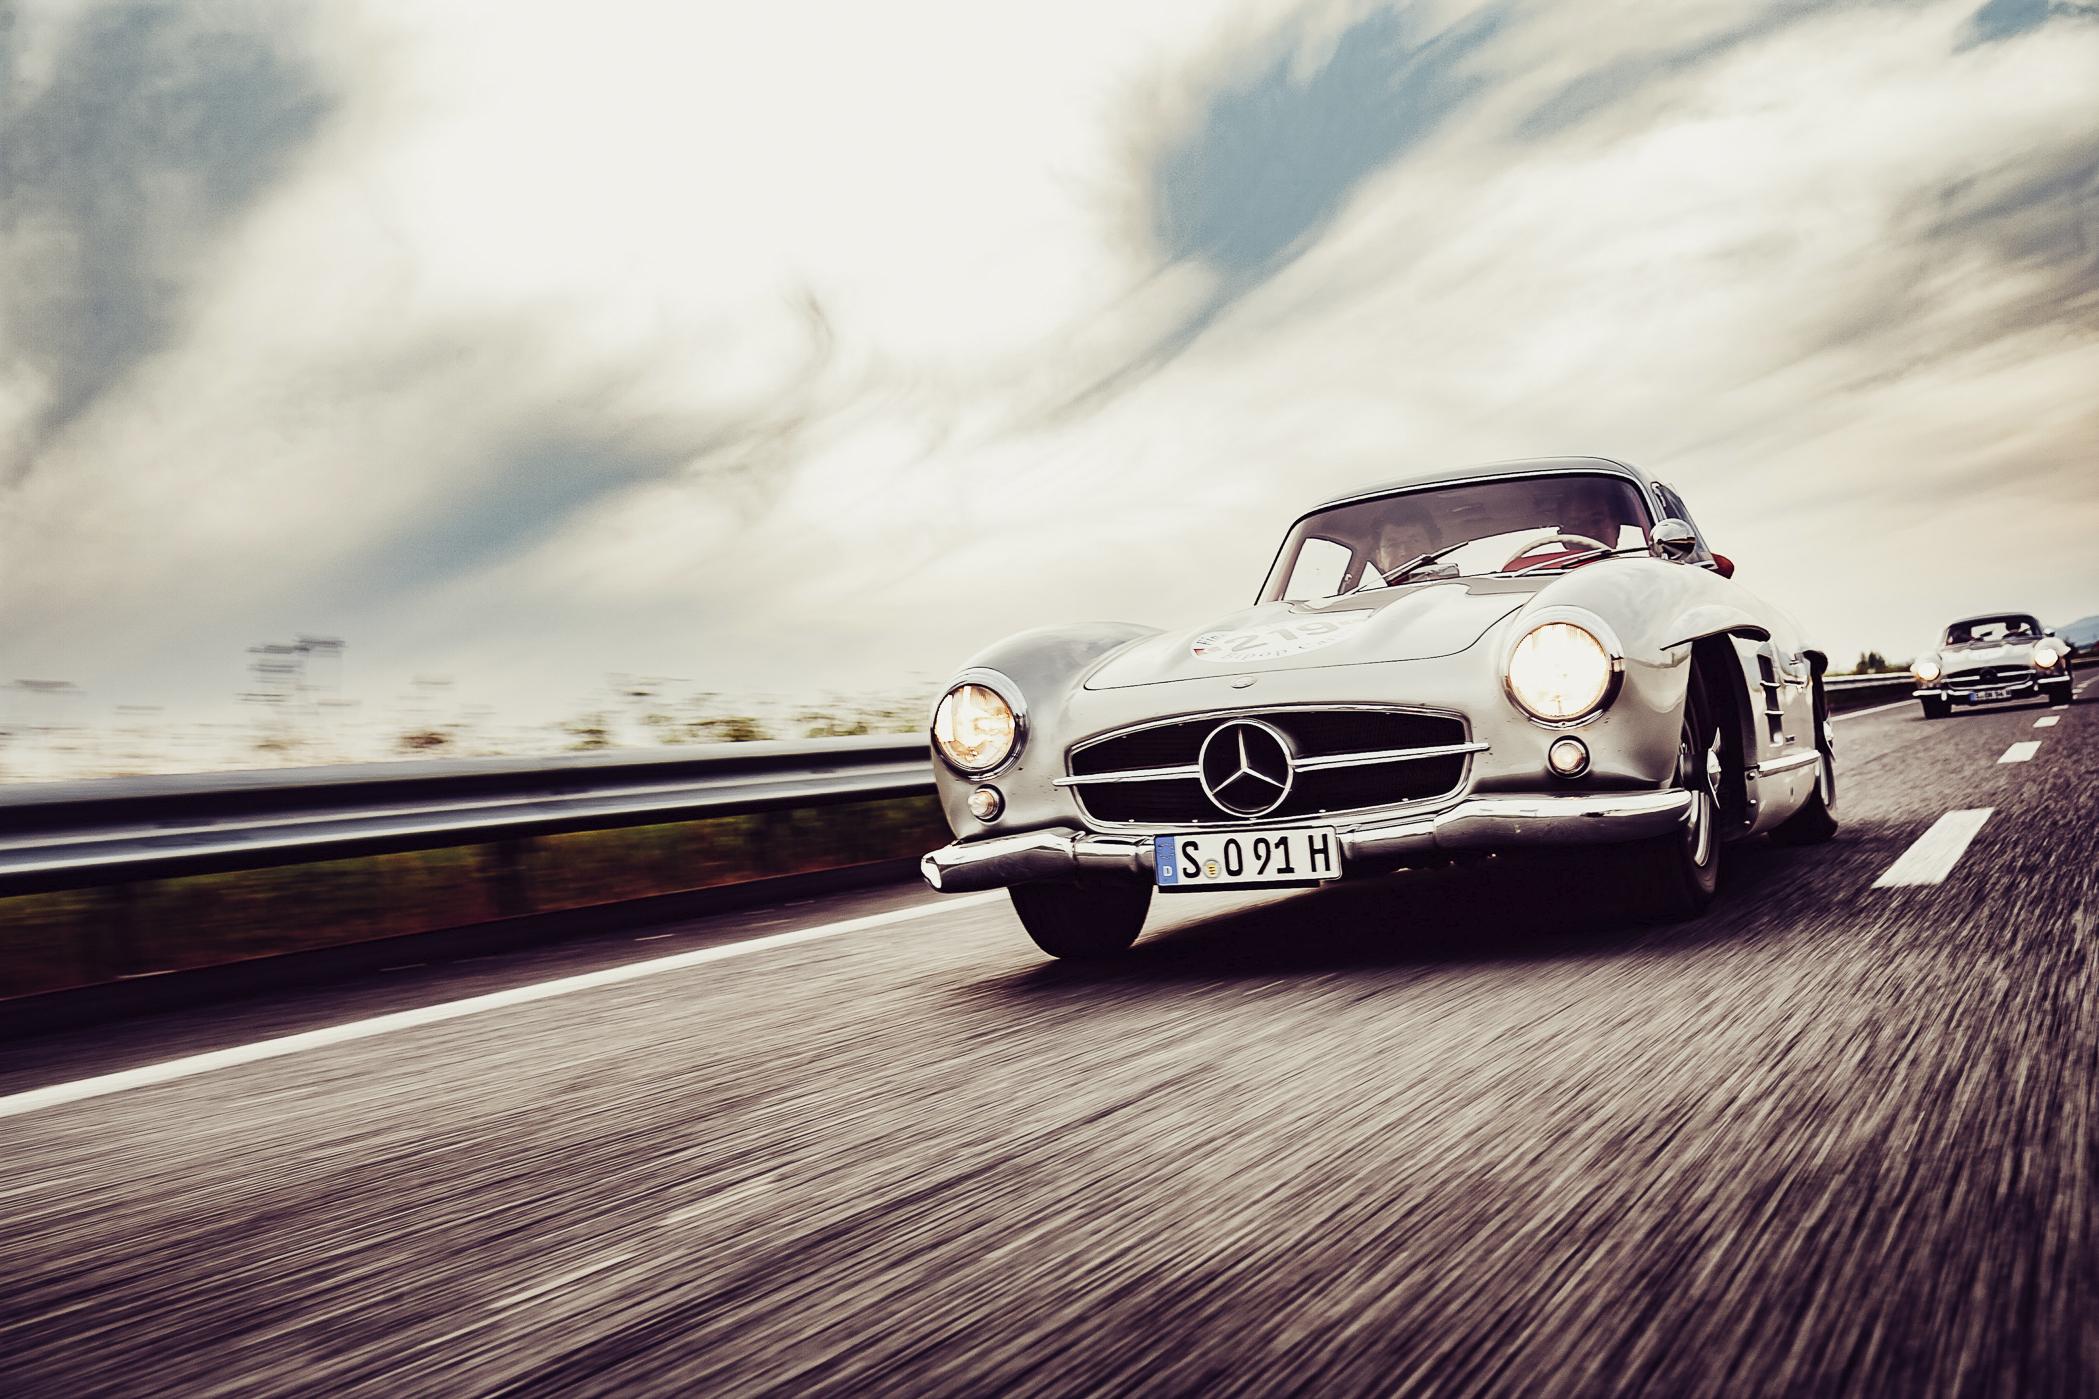 Mille Miglia, Florian Kresse, Rennfahrer, Italien, Mercedes-Benz, Flügeltürer, Mercedes-Benz 300SL, Fiat, Ferrari, Autofotografie, vintage car, Oldtimer